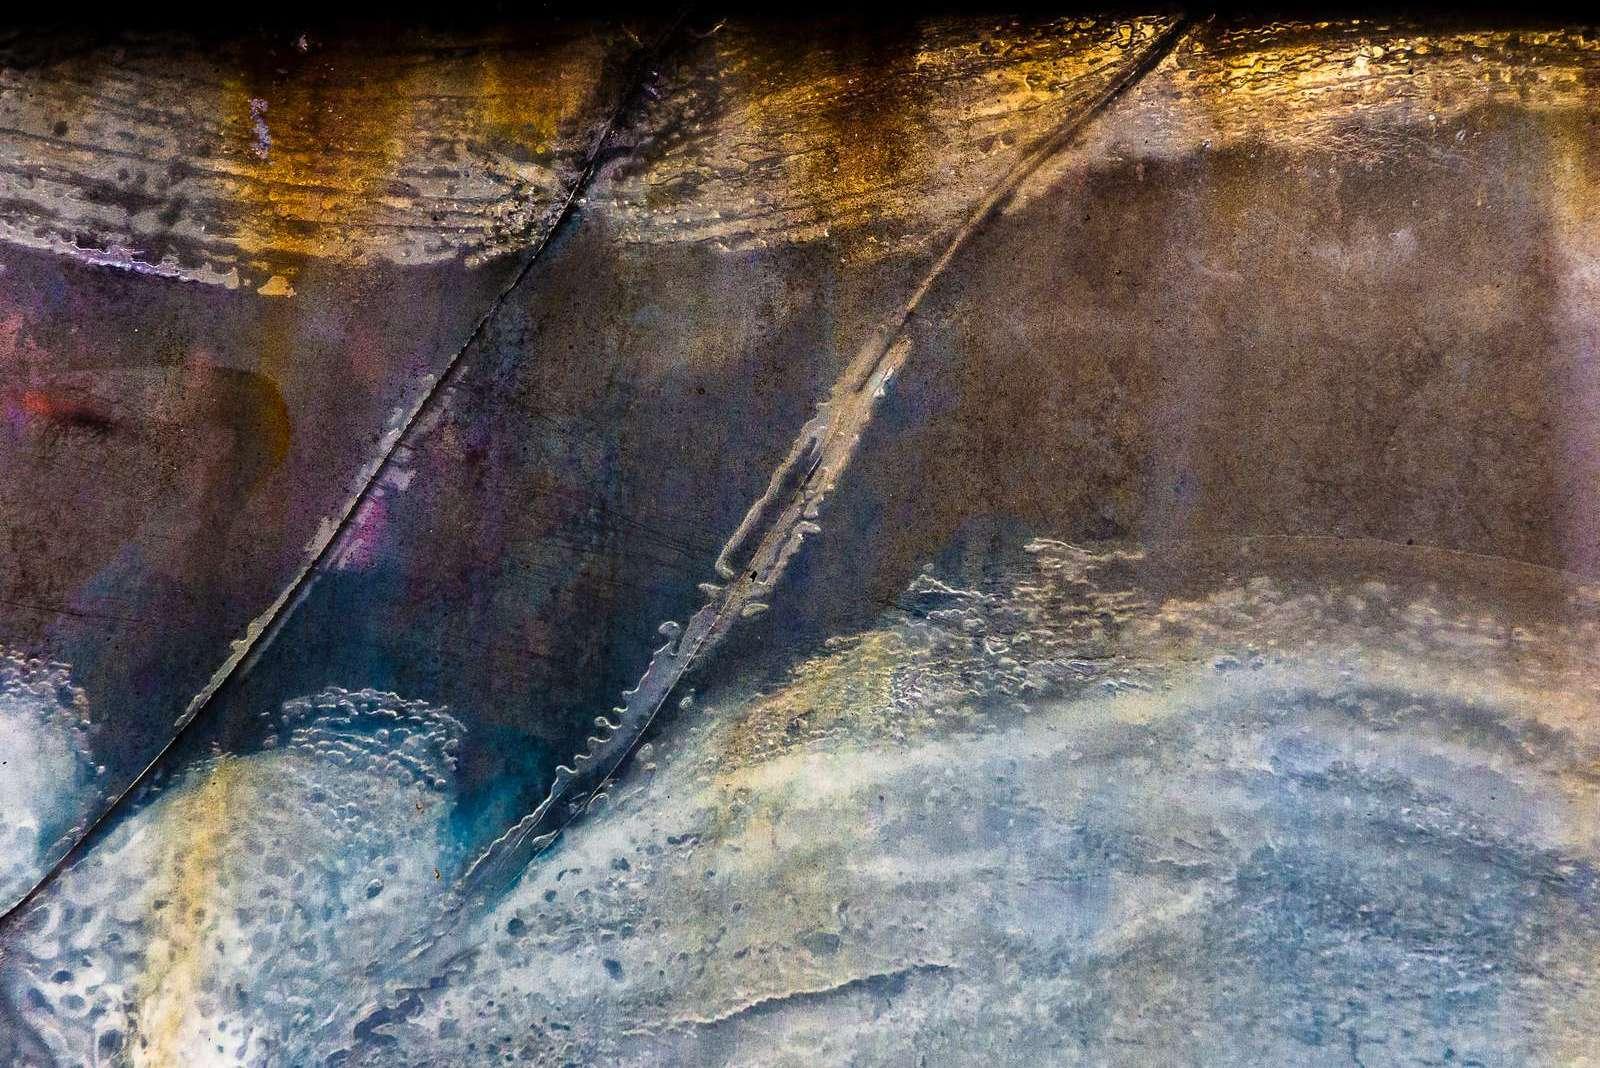 Abstract - Jan Ekin